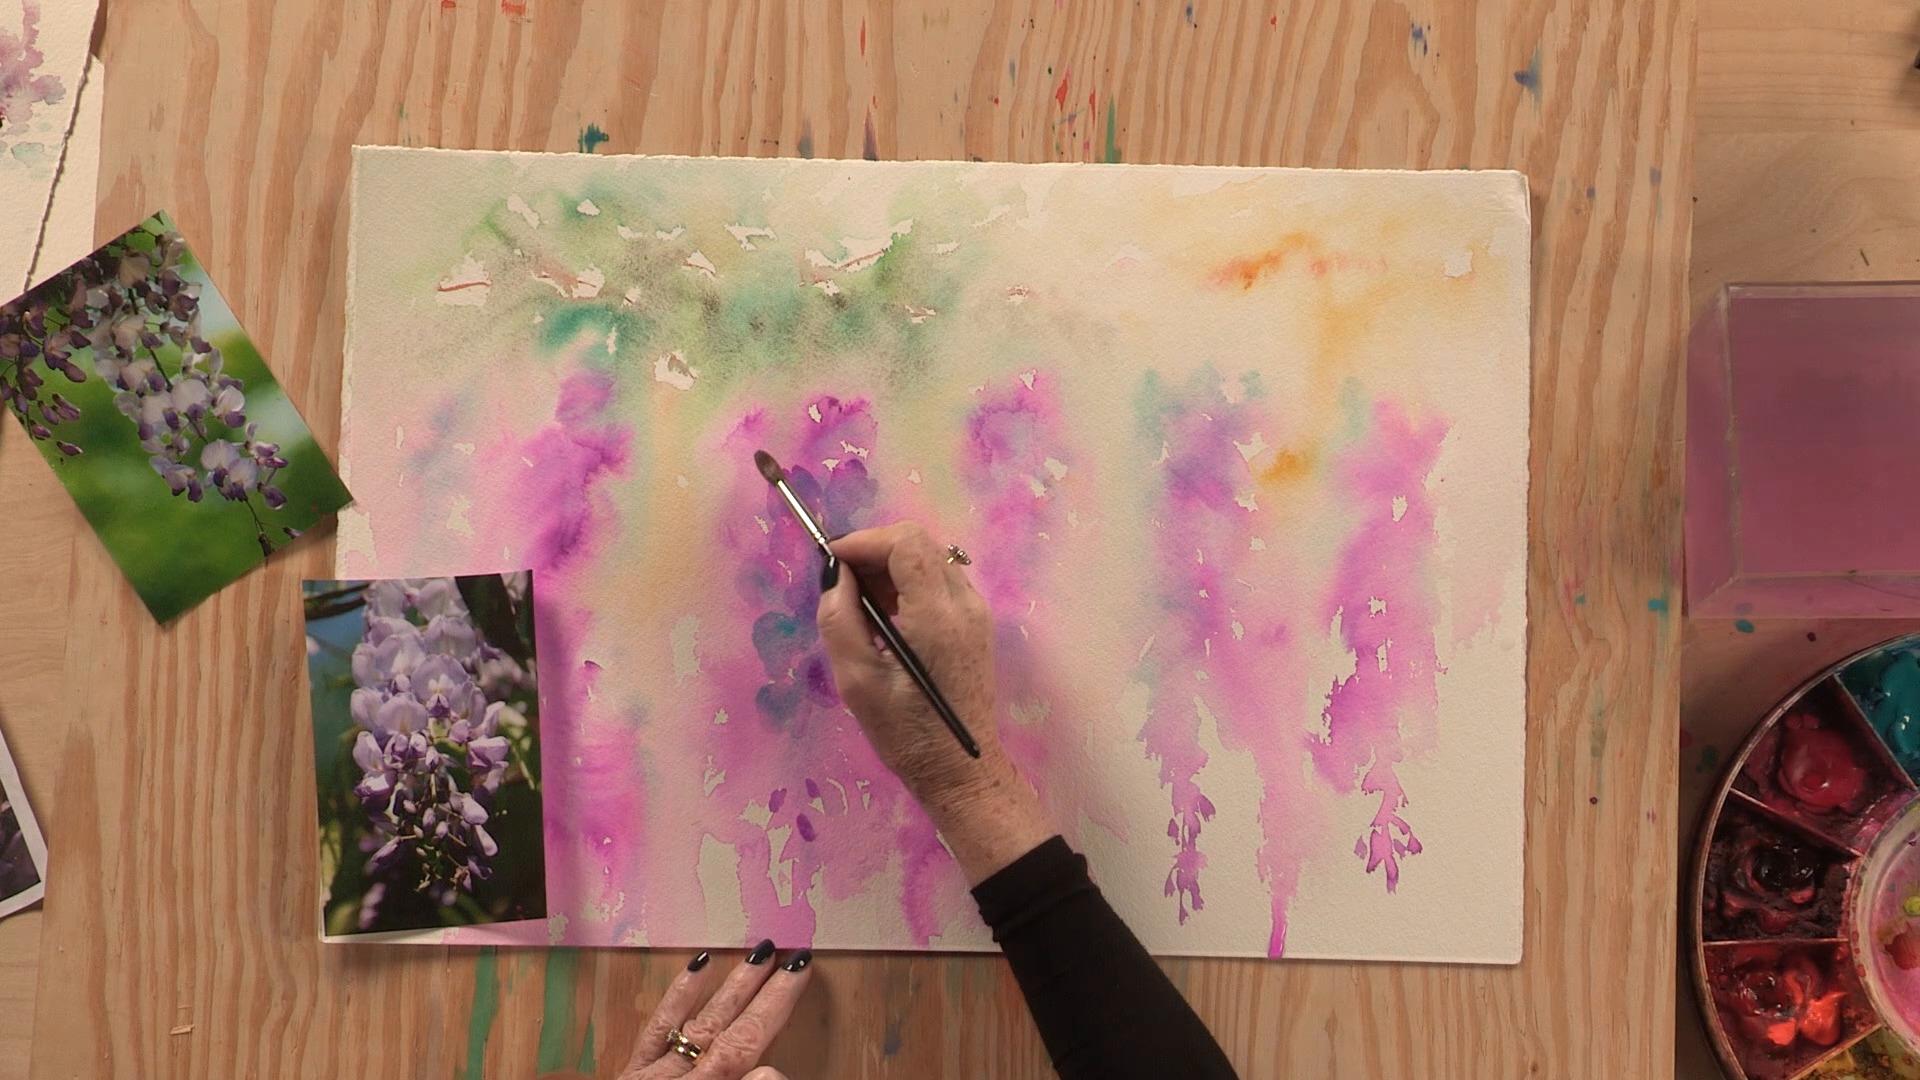 Watercolor artist magazine customer service - Watercolor Artist Magazine Customer Service 50